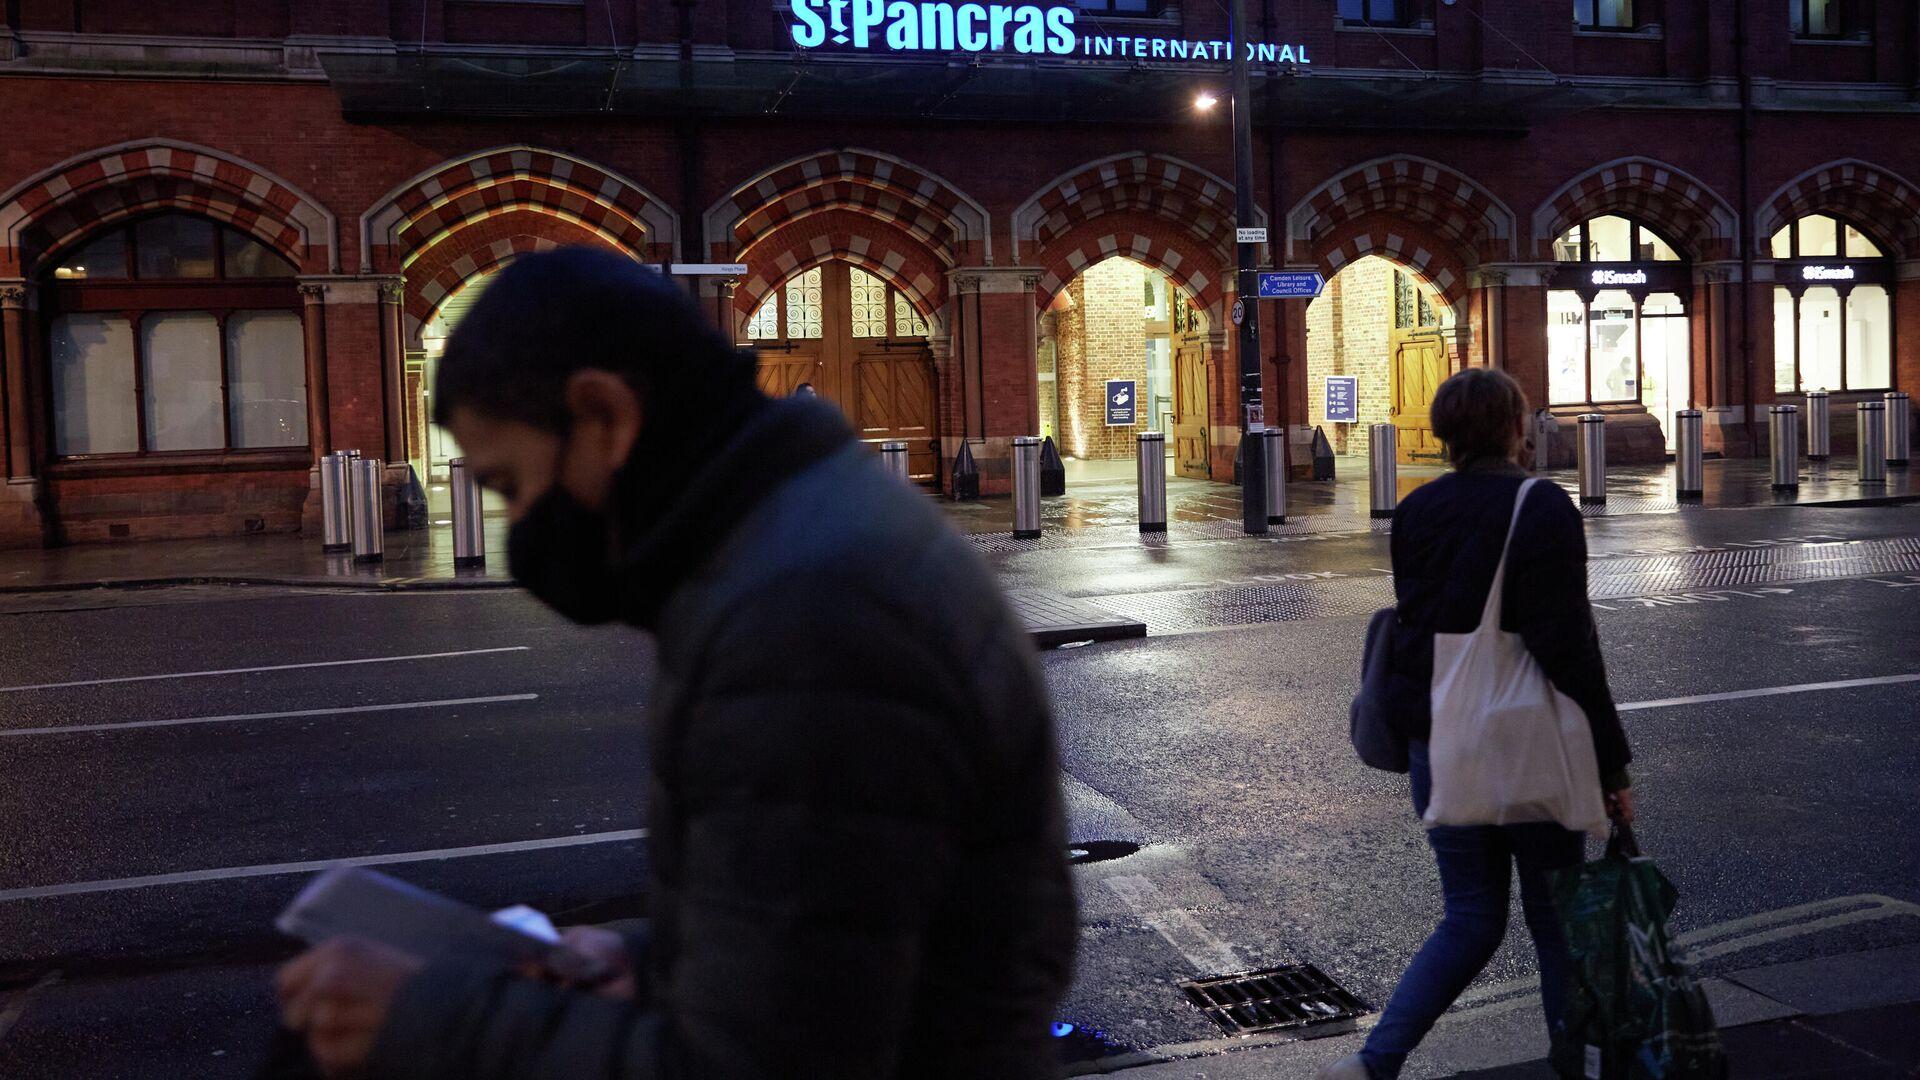 Прохожие возле вокзала Сент-Панкрас в Лондоне - РИА Новости, 1920, 05.02.2021